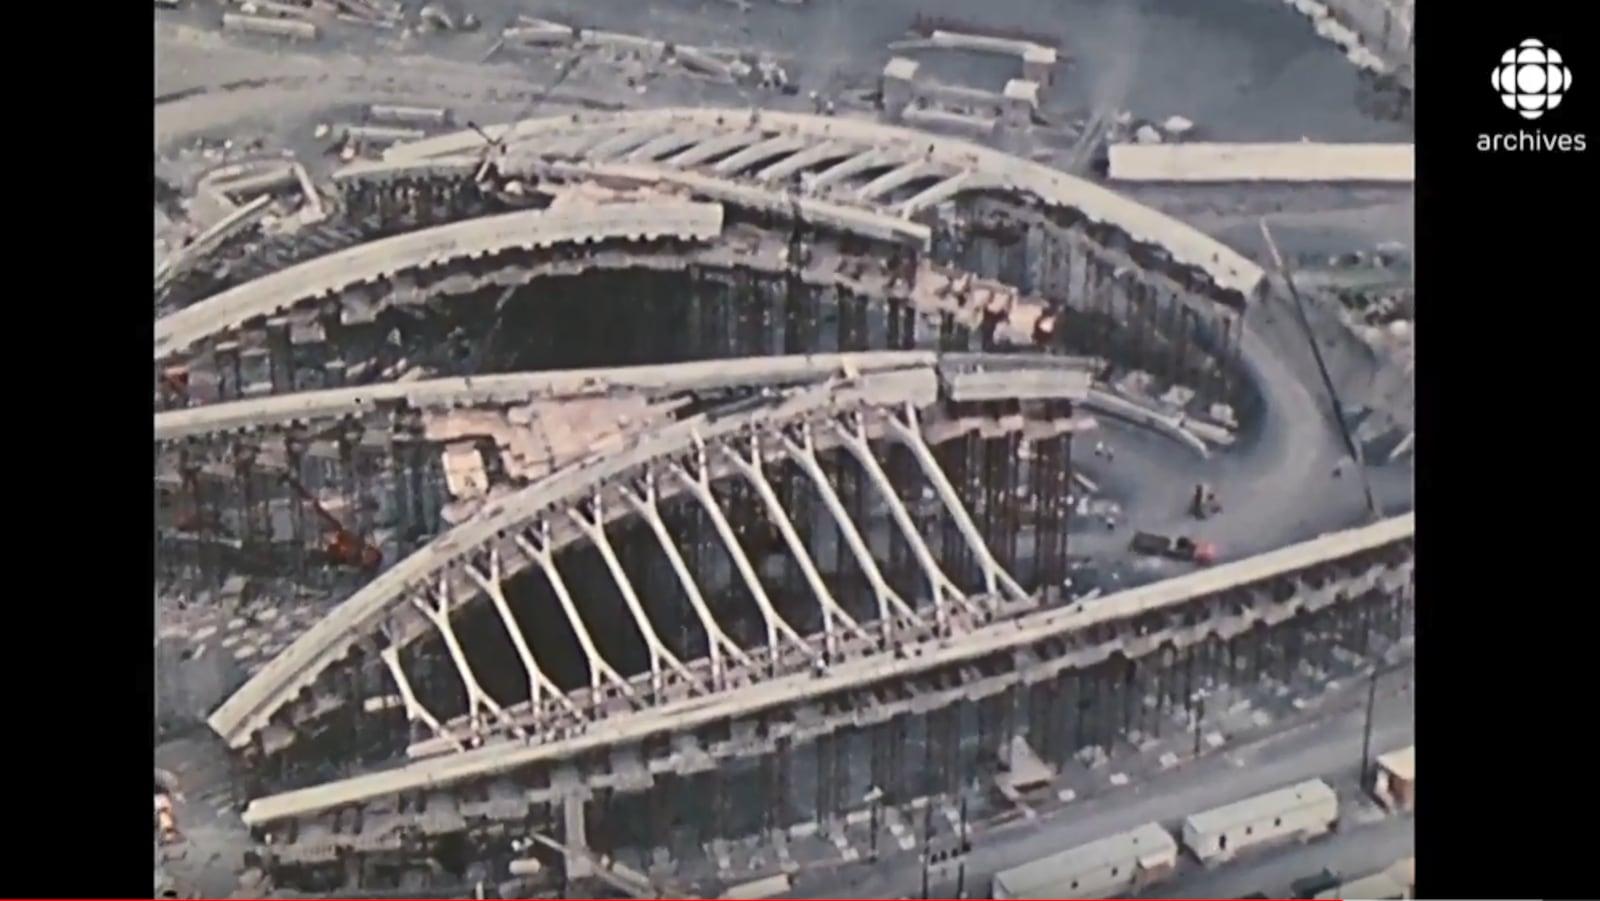 Vue aérienne prise le 26 novembre 1974 du stade des Jeux olympiques d'été de Montréal  en construction.